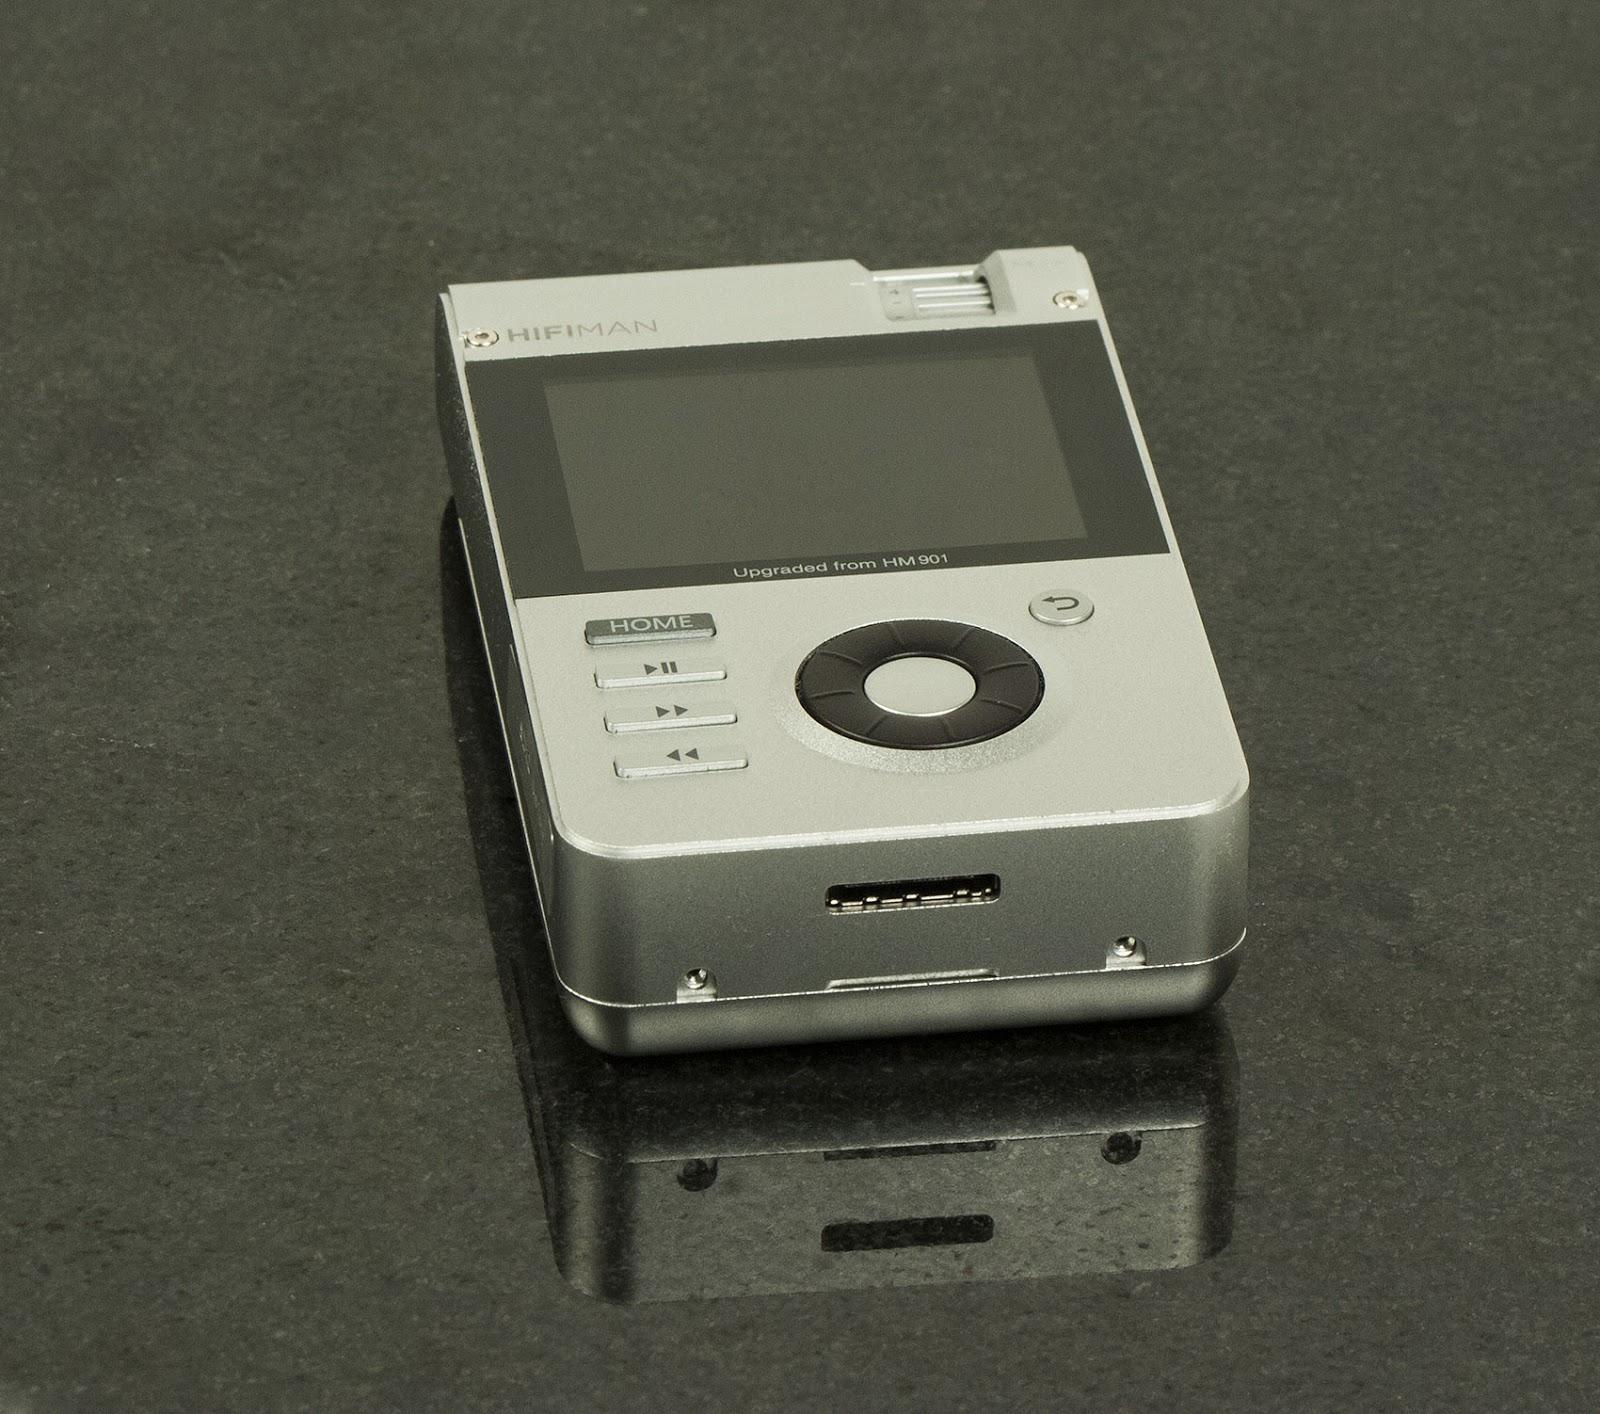 Обзор аудиоплеера HIFIMAN HM901U - 6